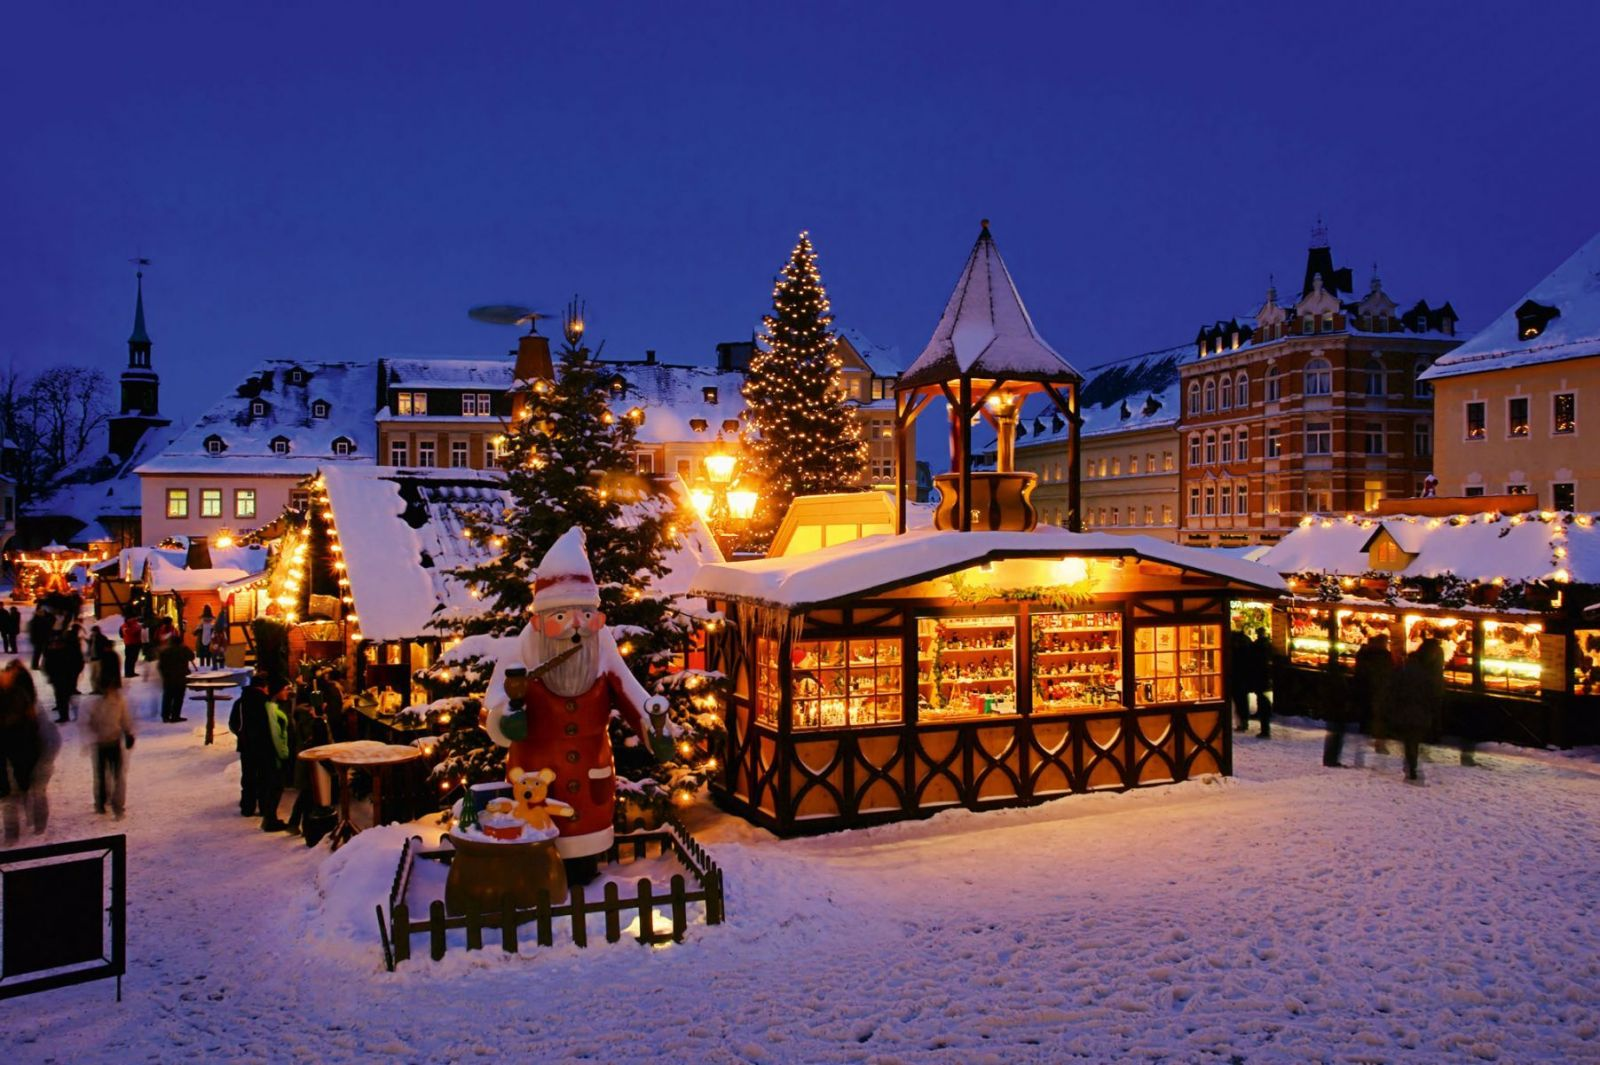 туры в скандинавию на новый год фото сайте